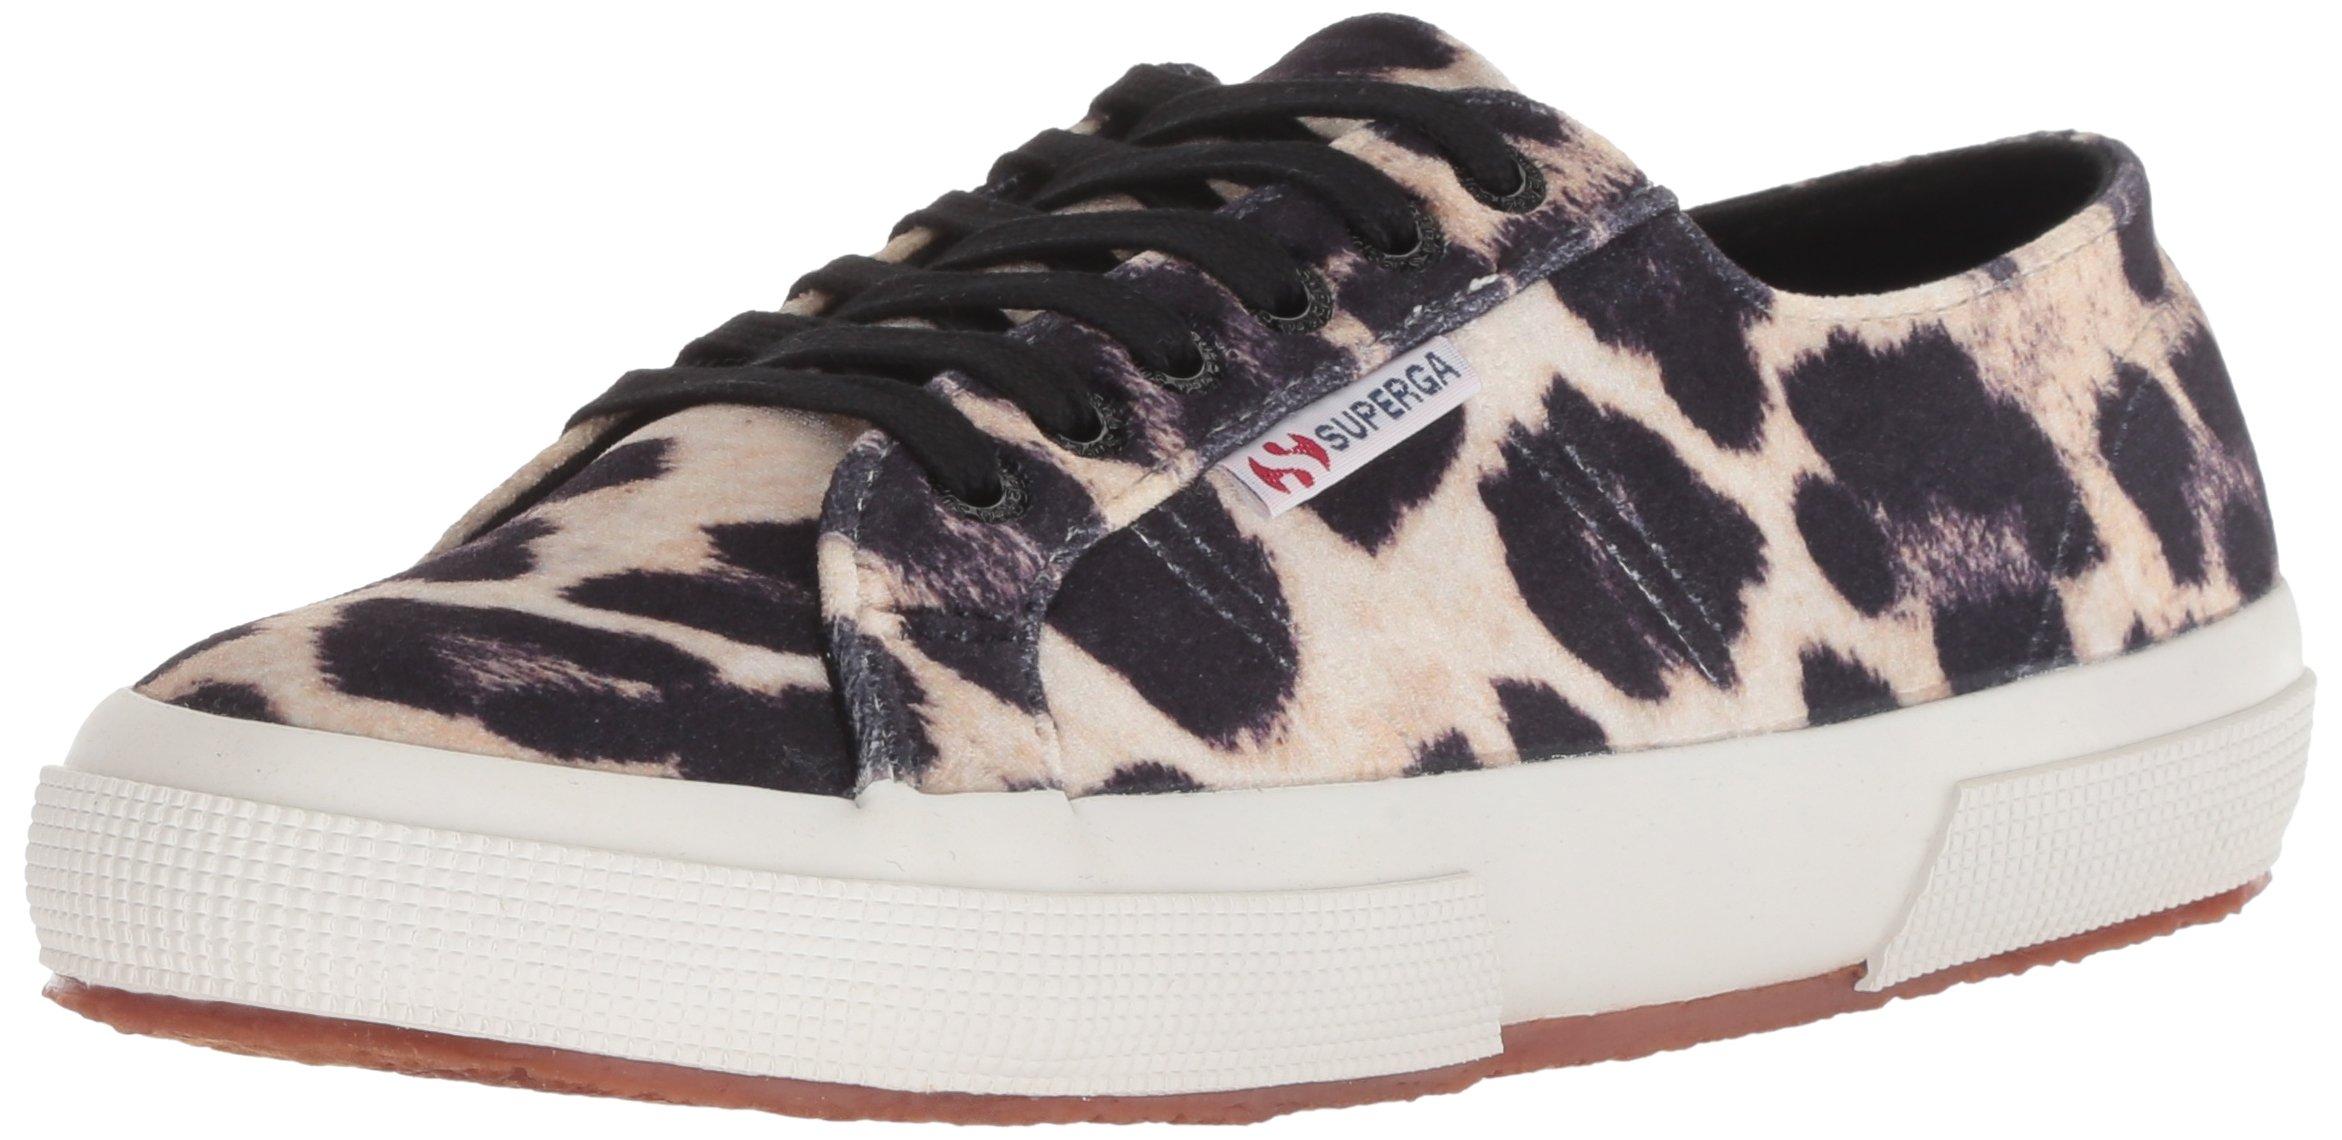 Superga Women's 2750 Fanvelw Sneaker, Leopard, 38 M US